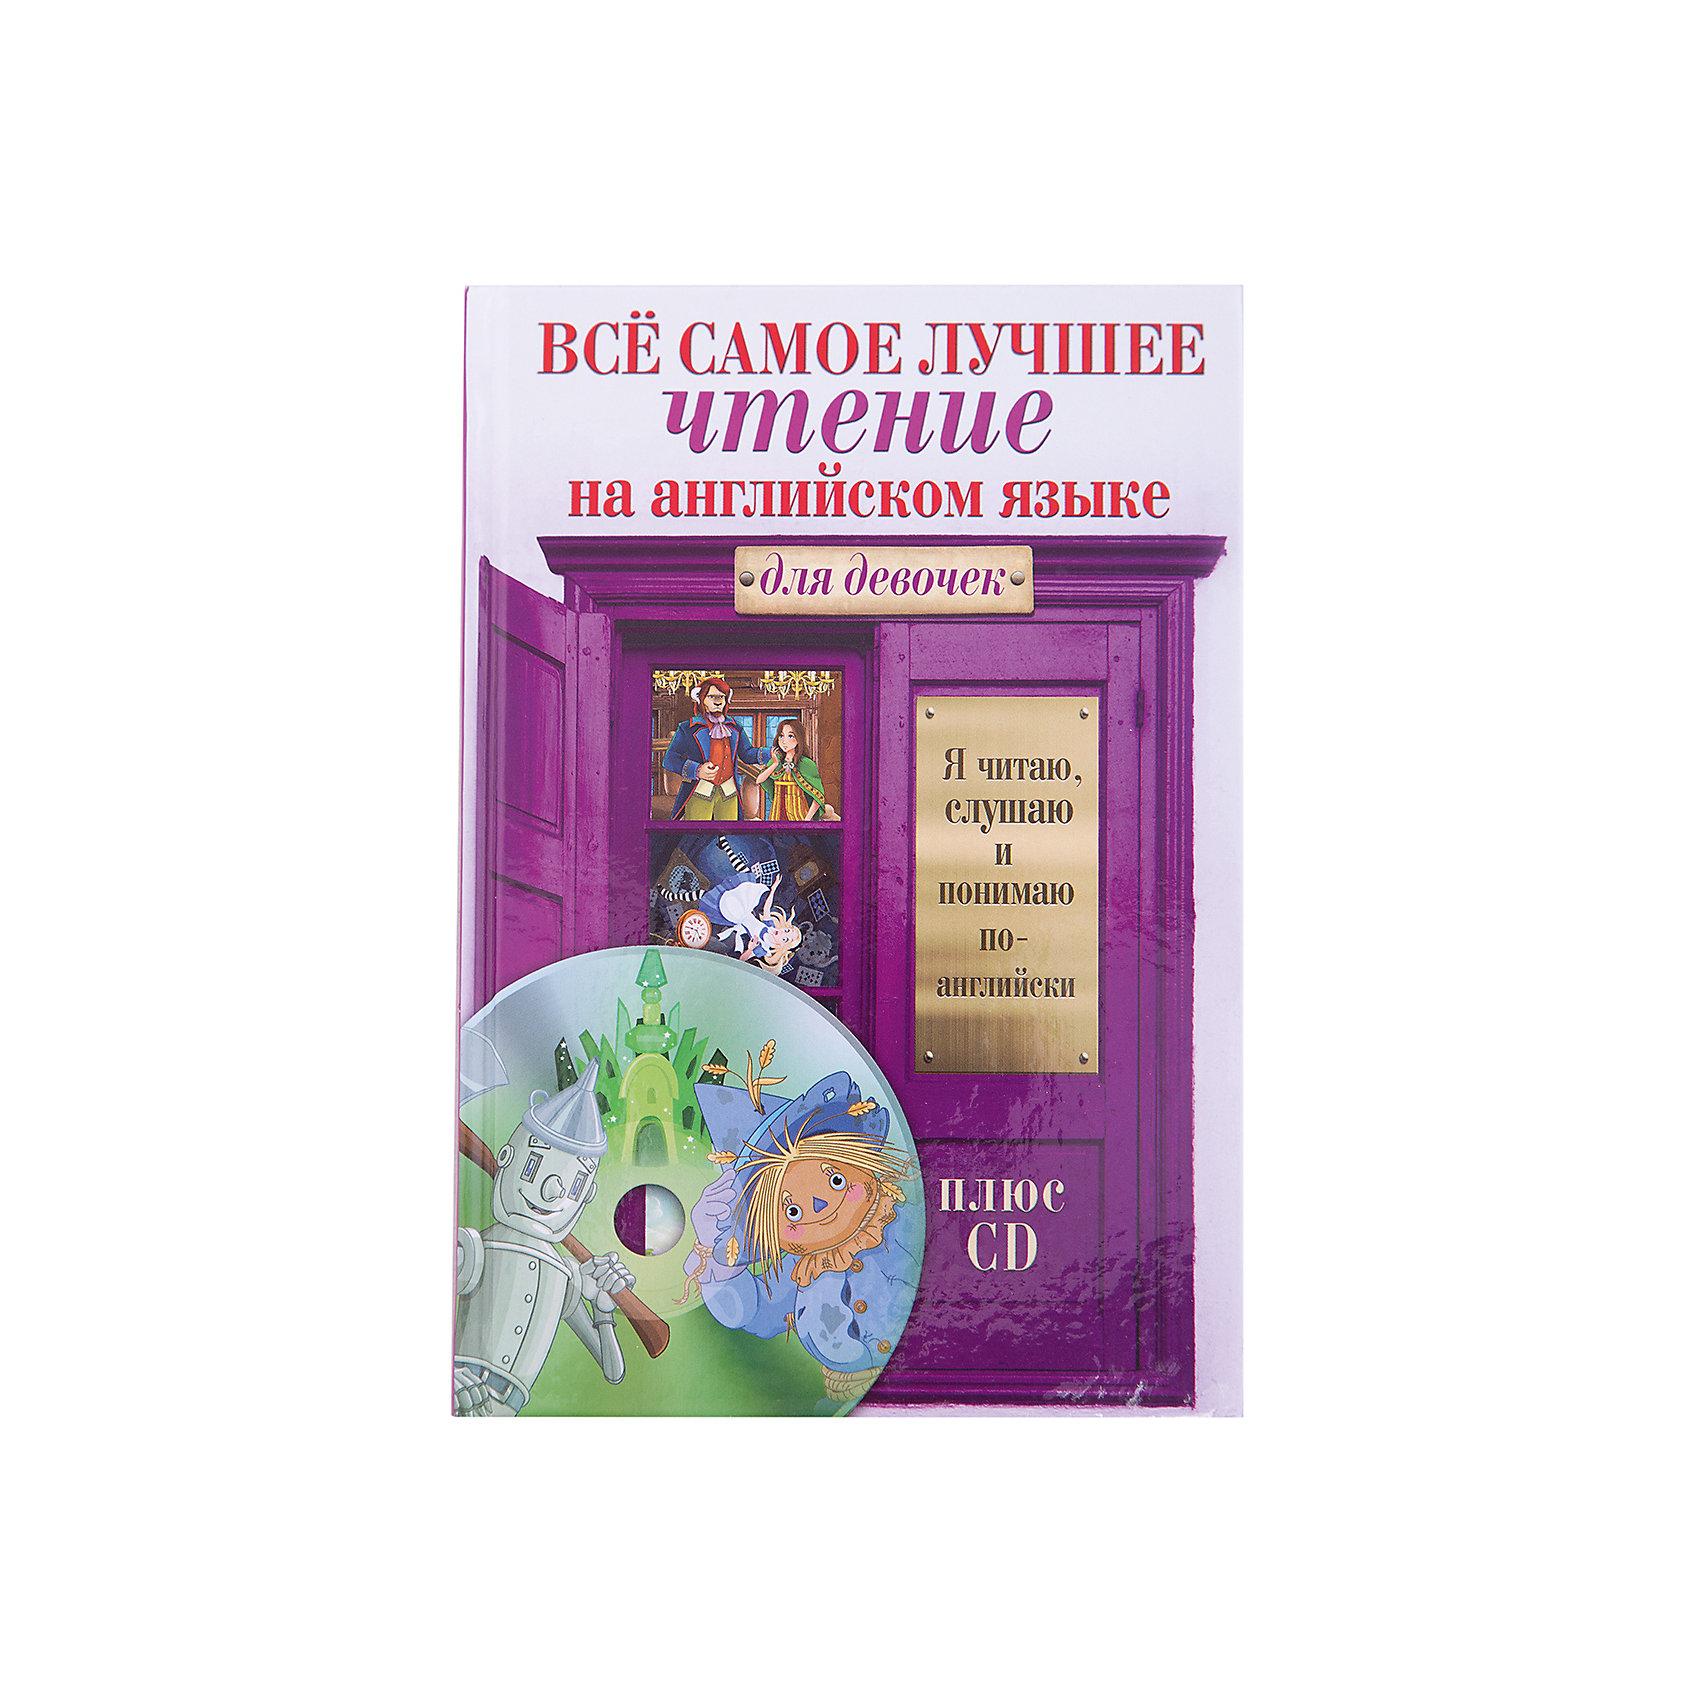 Всё самое лучшее чтение на английском языке для девочек + CDИздательство АСТ<br>Эта книга включает известные сказки на английском языке, героини которых расскажут девочкам о доброте, сострадании и дружбе («Красавица и чудовище», «Удивительный волшебник из страны Оз», «Алиса в стране чудес»).<br>Тексты сказок сопровождаются комментариями к наиболее трудным для понимания словам и выражениям, а также упражнениями для проверки понимания прочитанного. В конце книги расположен словарь, облегчающий чтение. Тексты, озвученные носителями языка и записанные на диск, помогут развить восприятие английской речи на слух.<br>Сказки подготовлены и адаптированы для начинающих изучать английский язык и будут интересны как детям, так и взрослым читателям.<br><br>Ширина мм: 200<br>Глубина мм: 138<br>Высота мм: 150<br>Вес г: 342<br>Возраст от месяцев: 216<br>Возраст до месяцев: 2147483647<br>Пол: Женский<br>Возраст: Детский<br>SKU: 6848350